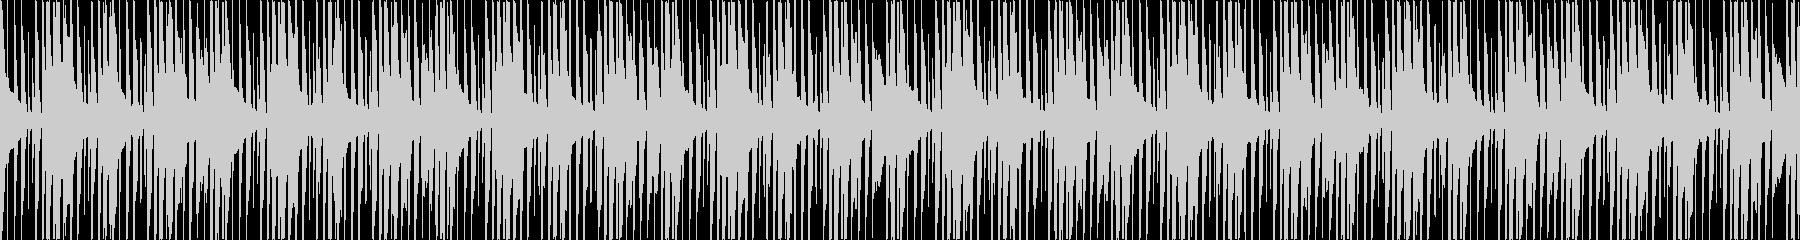 おしゃれ・日常・優しい・チルアウト・透明の未再生の波形